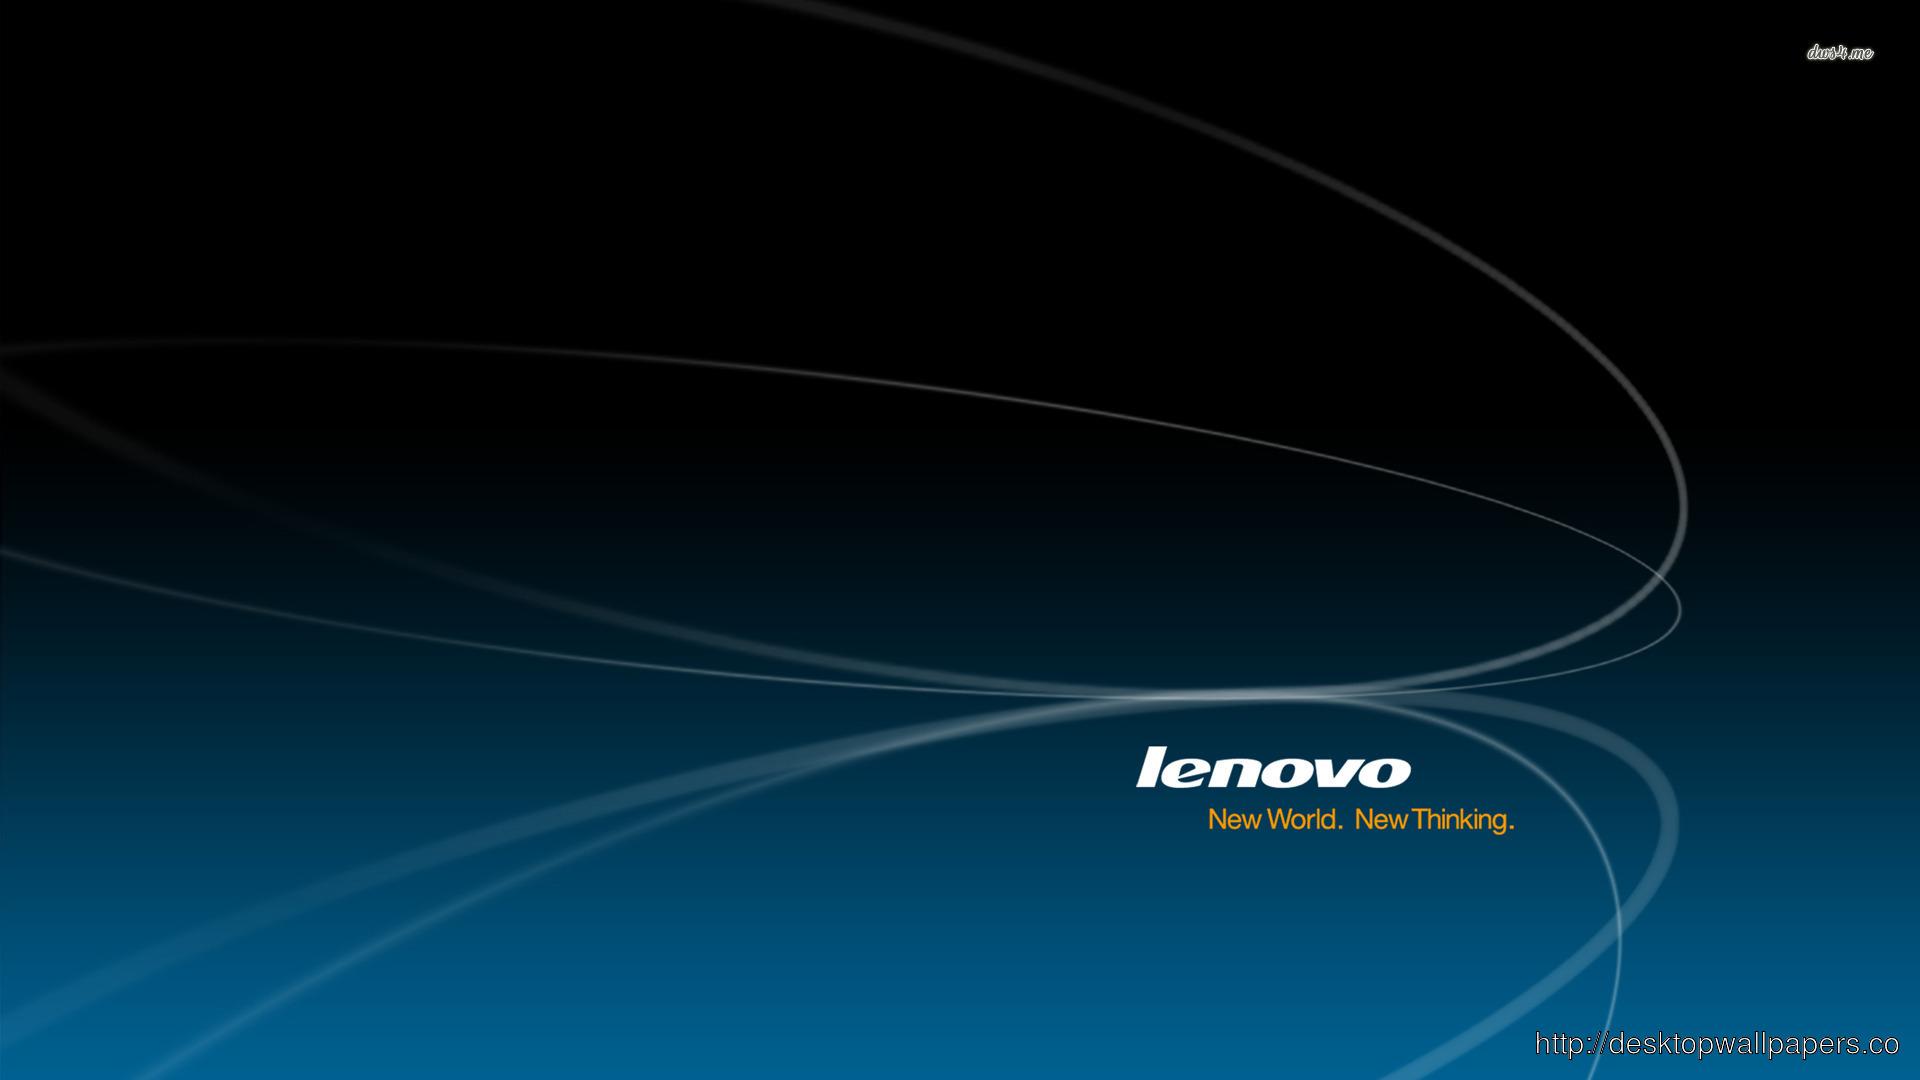 Lenovo WallpaperDesktop Wallpapers Download 1920x1080